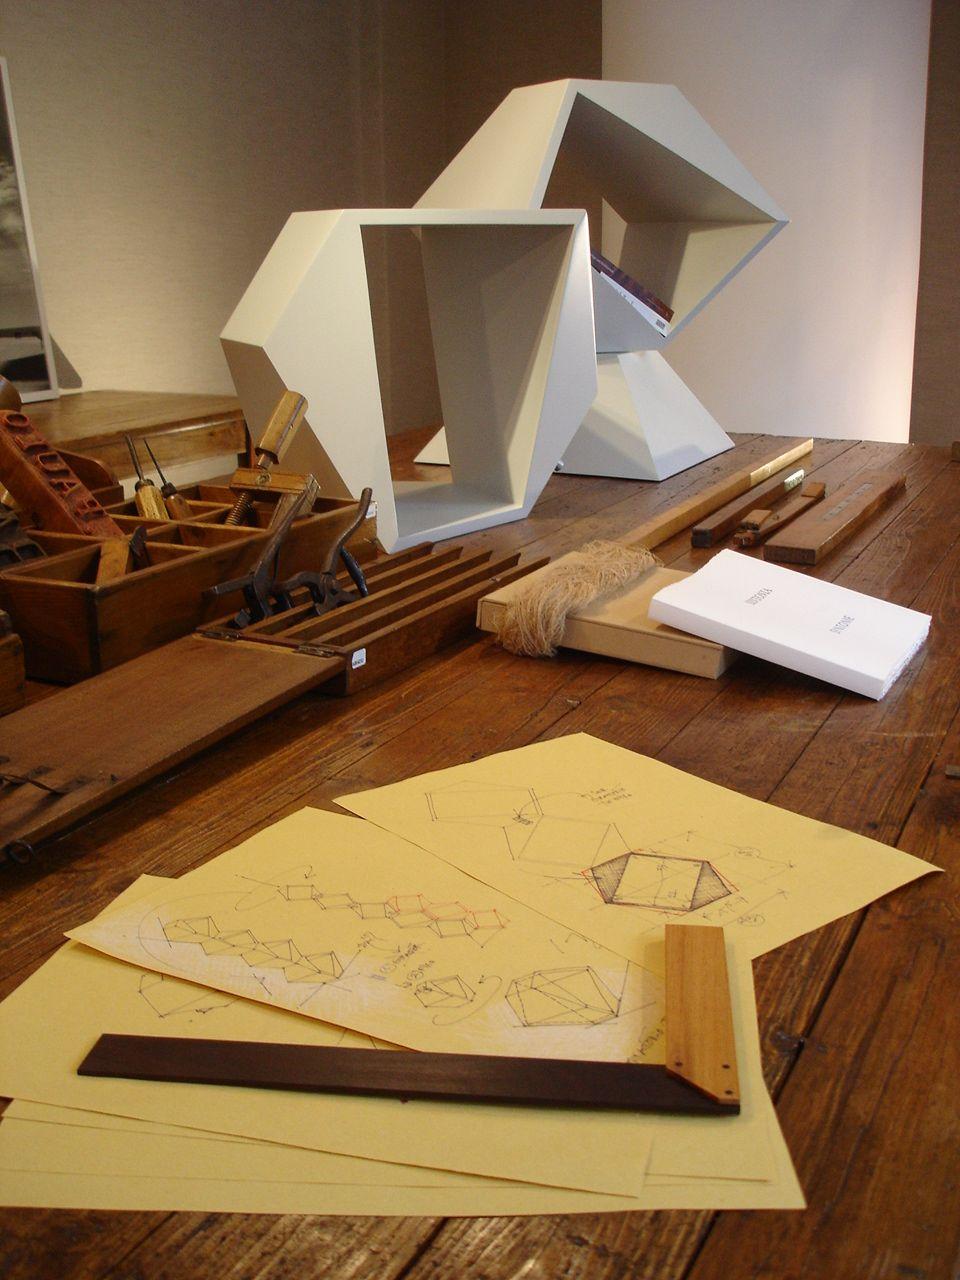 design by Lia Siqueira